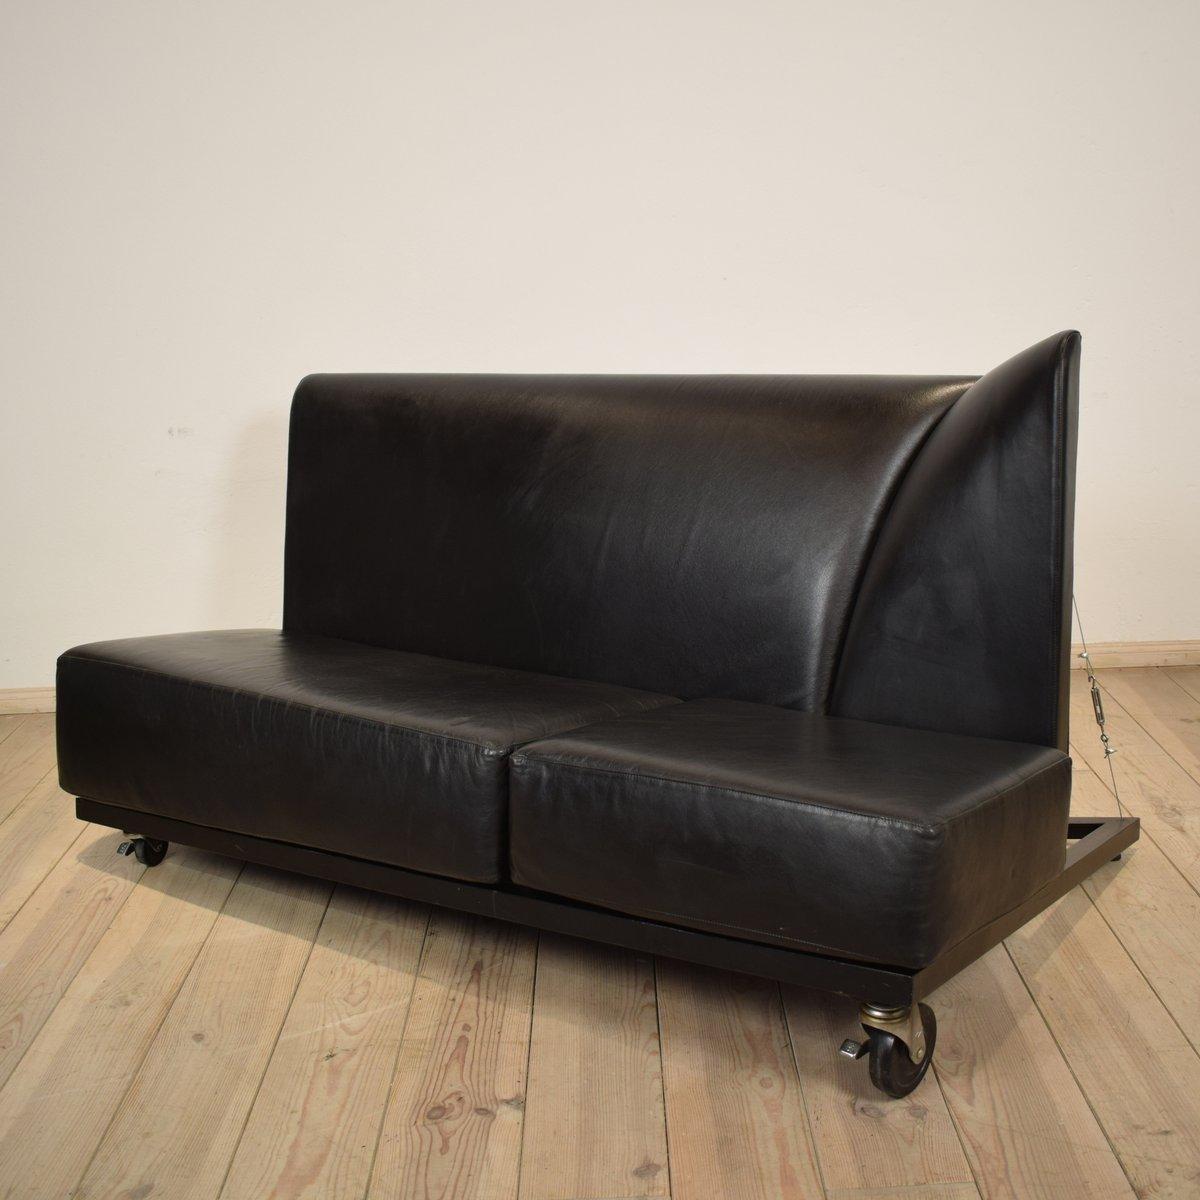 schwarzes ledersofa von pallucco m rivier f r pallucco bei pamono kaufen. Black Bedroom Furniture Sets. Home Design Ideas